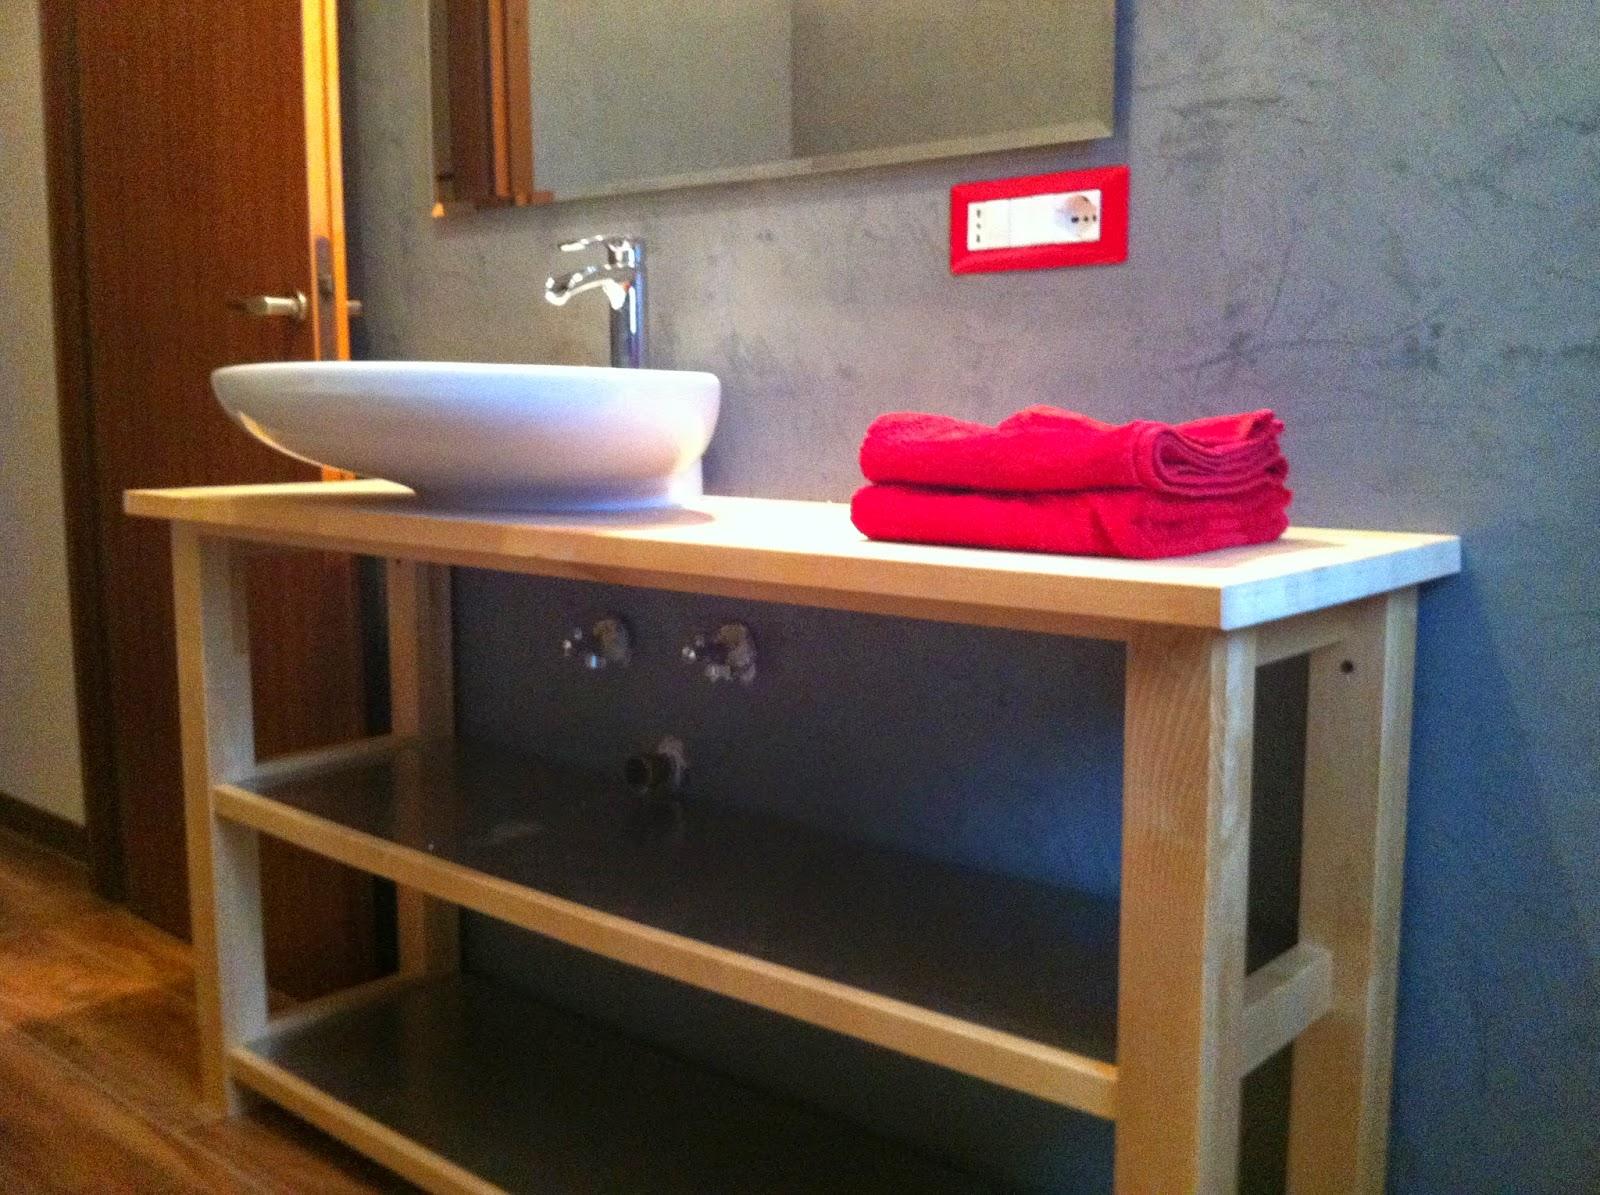 Coprire le piastrelle del bagno - Smalti per piastrelle bagno ...